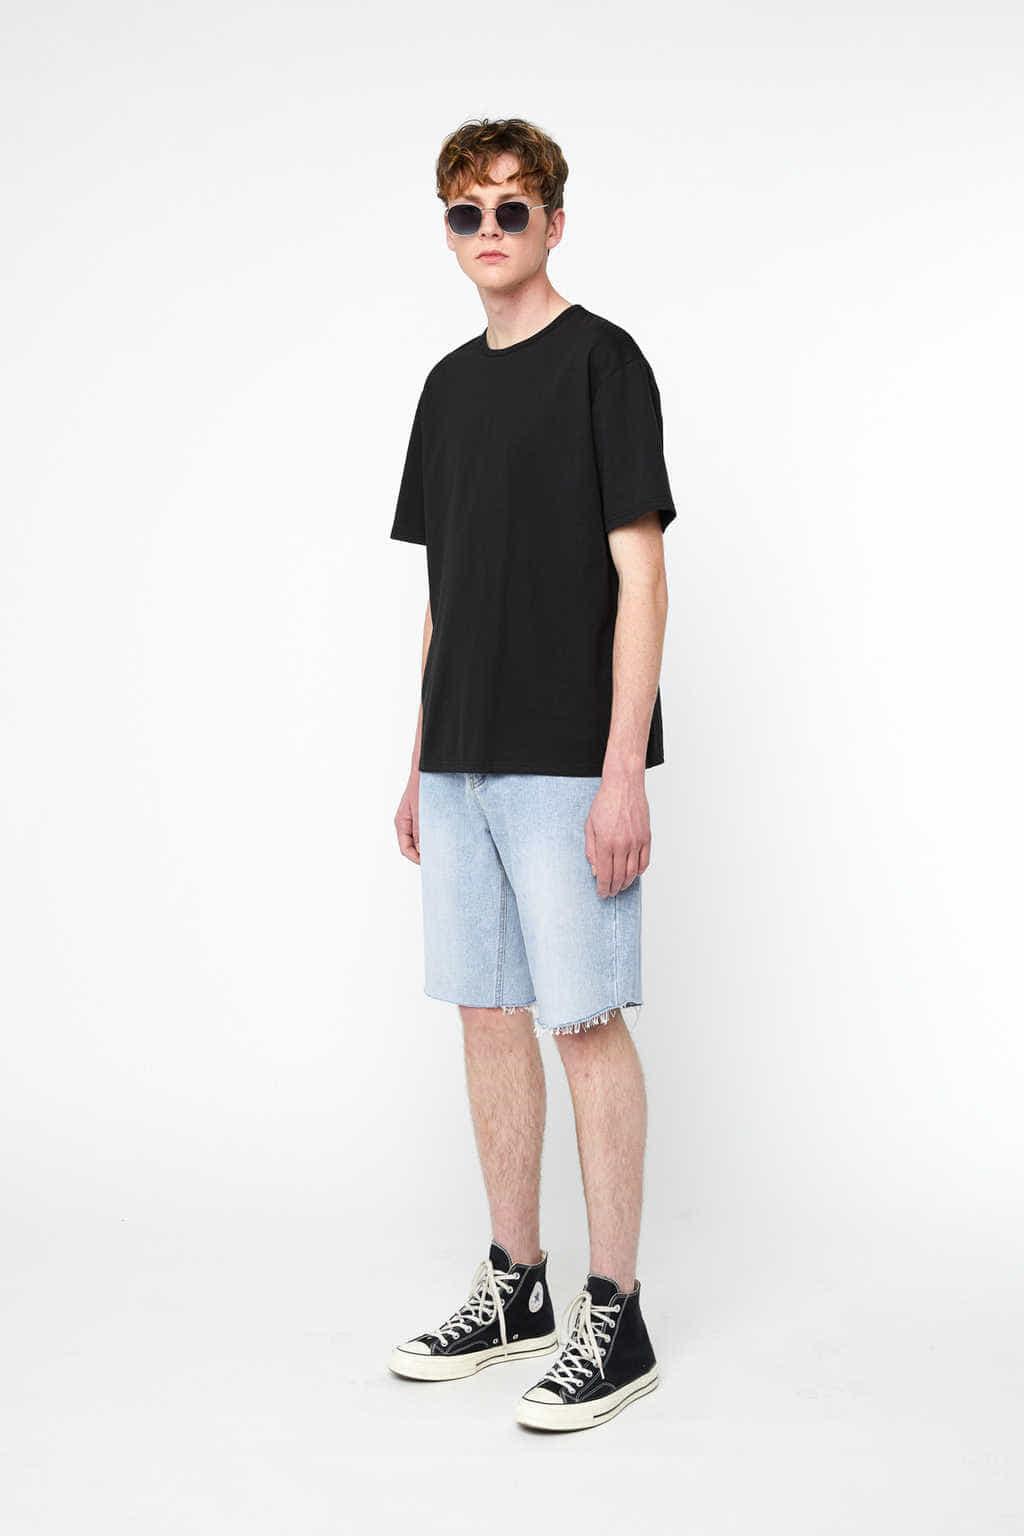 TShirt K011M Black 9